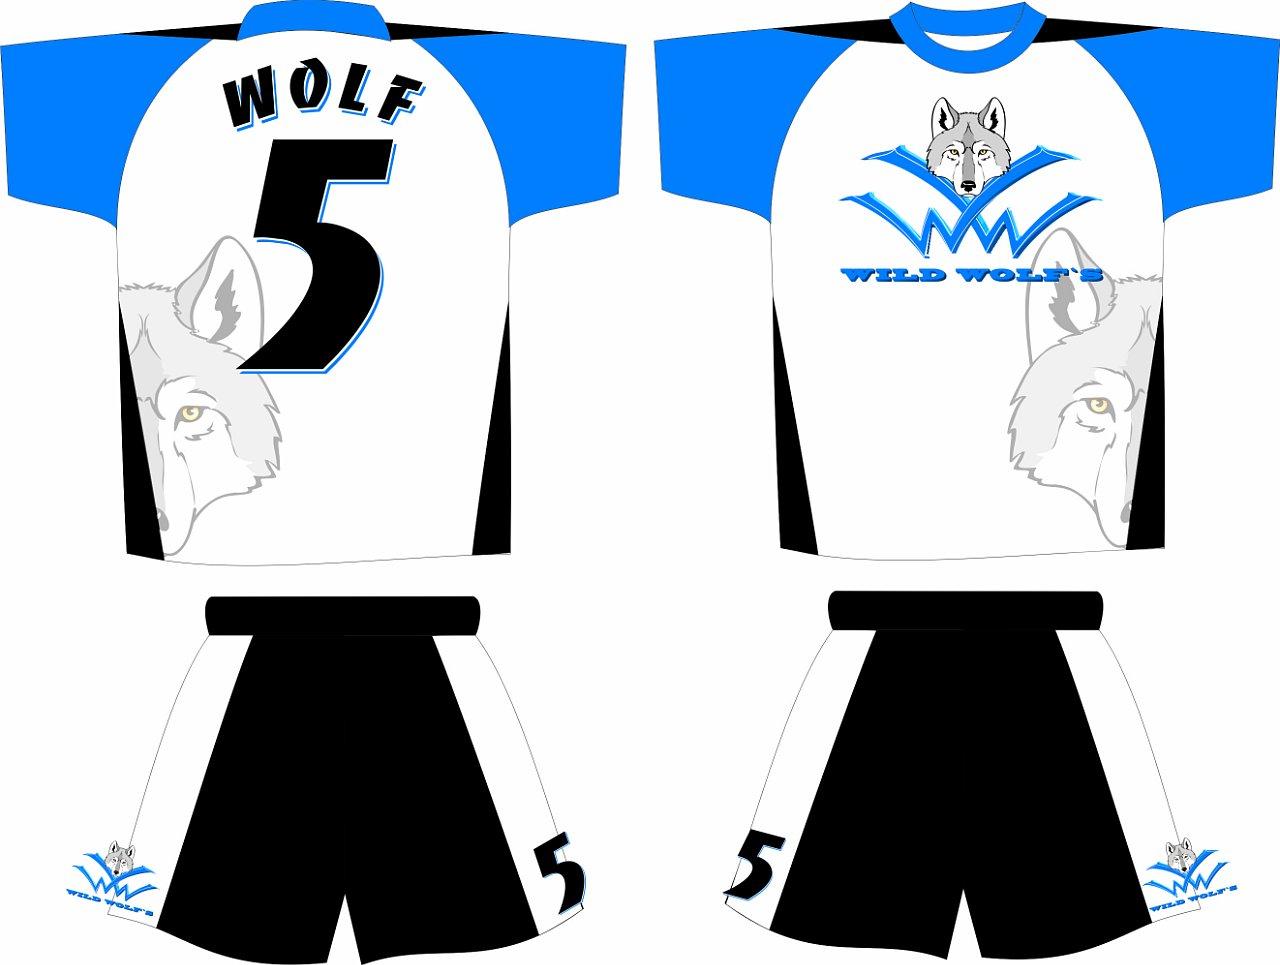 cf58113d5169 Футбольная форма на заказ. Создать футбольную форму